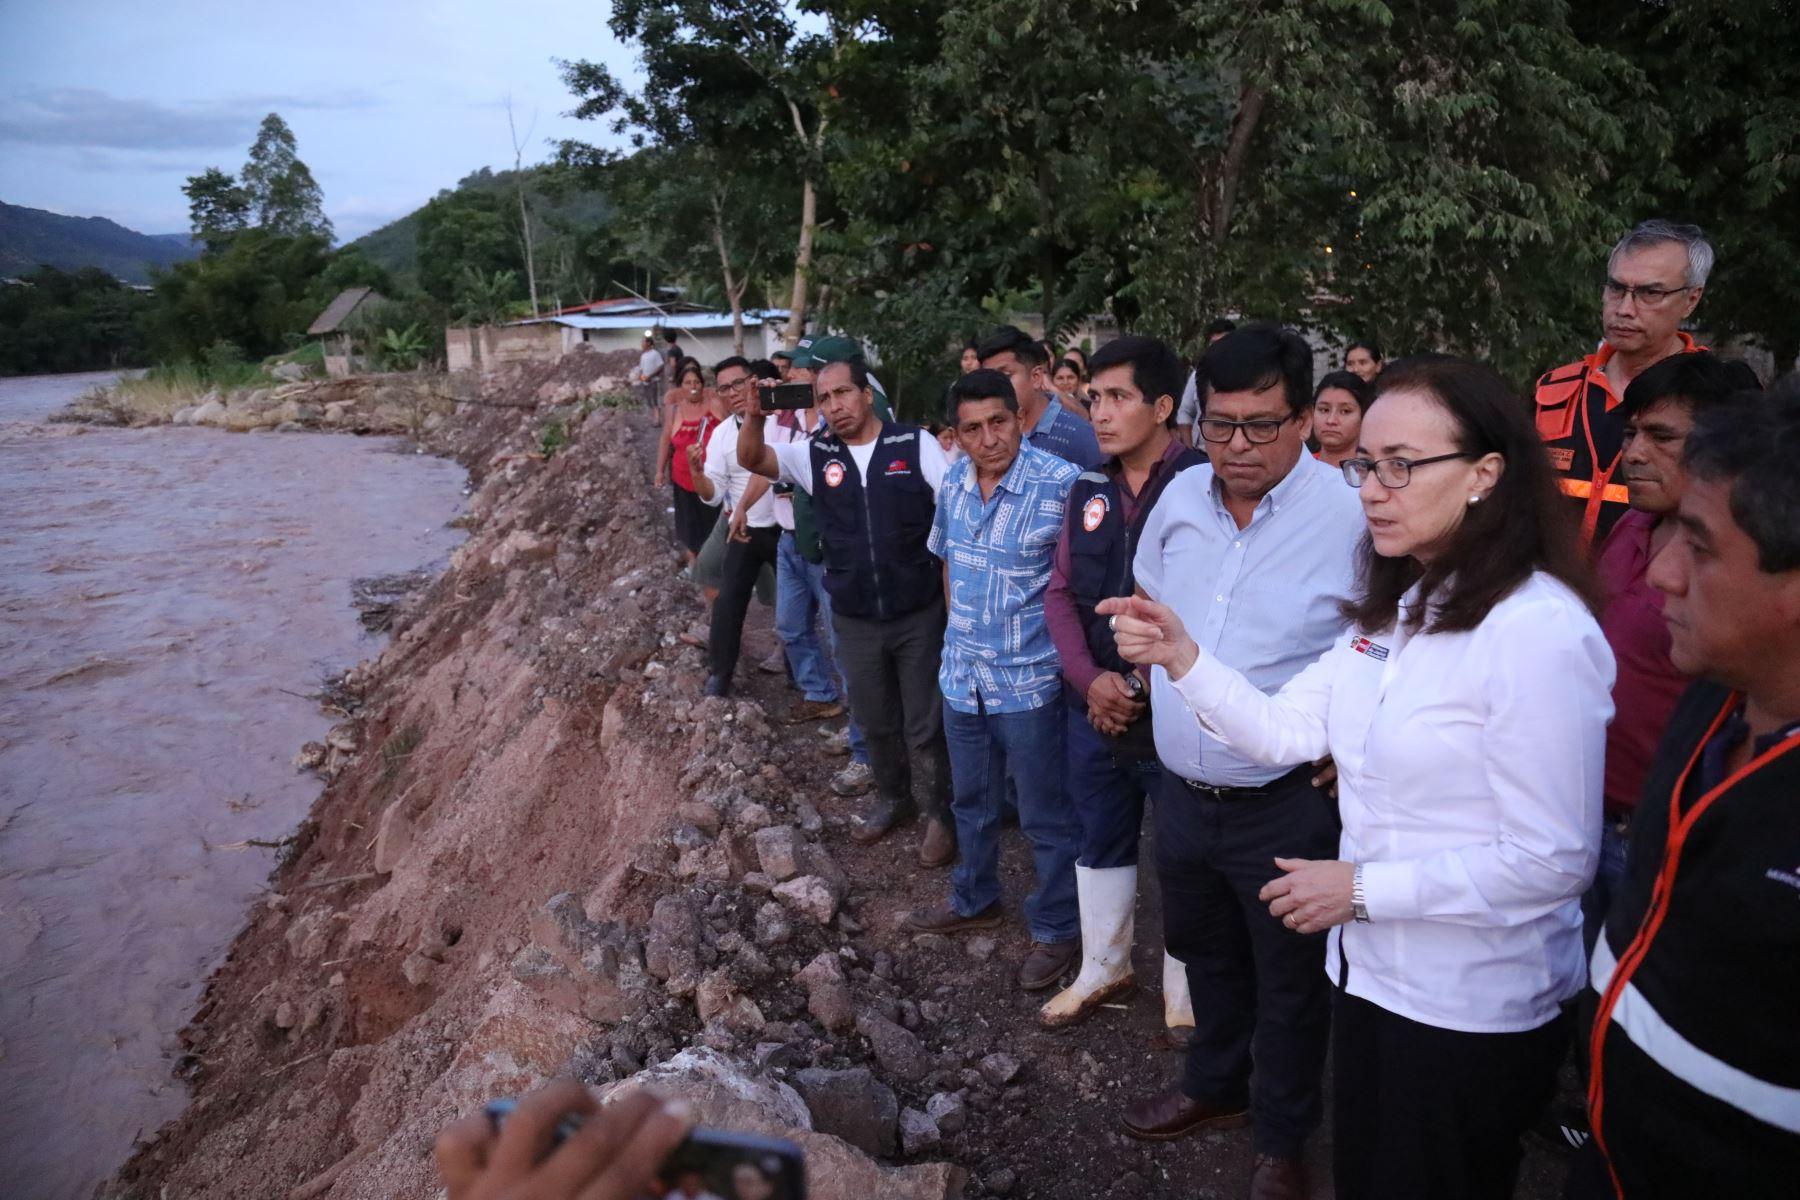 Ministra  de Justicia Ana Teresa Revilla, recorrió la selva central, para verificar junto con sus autoridades, medidas de remediación frente a huaicos e inundaciones que afectan a su población por fuertes lluvias que caen en la RegiónJunín. Foto:ANDINA/MINJUS